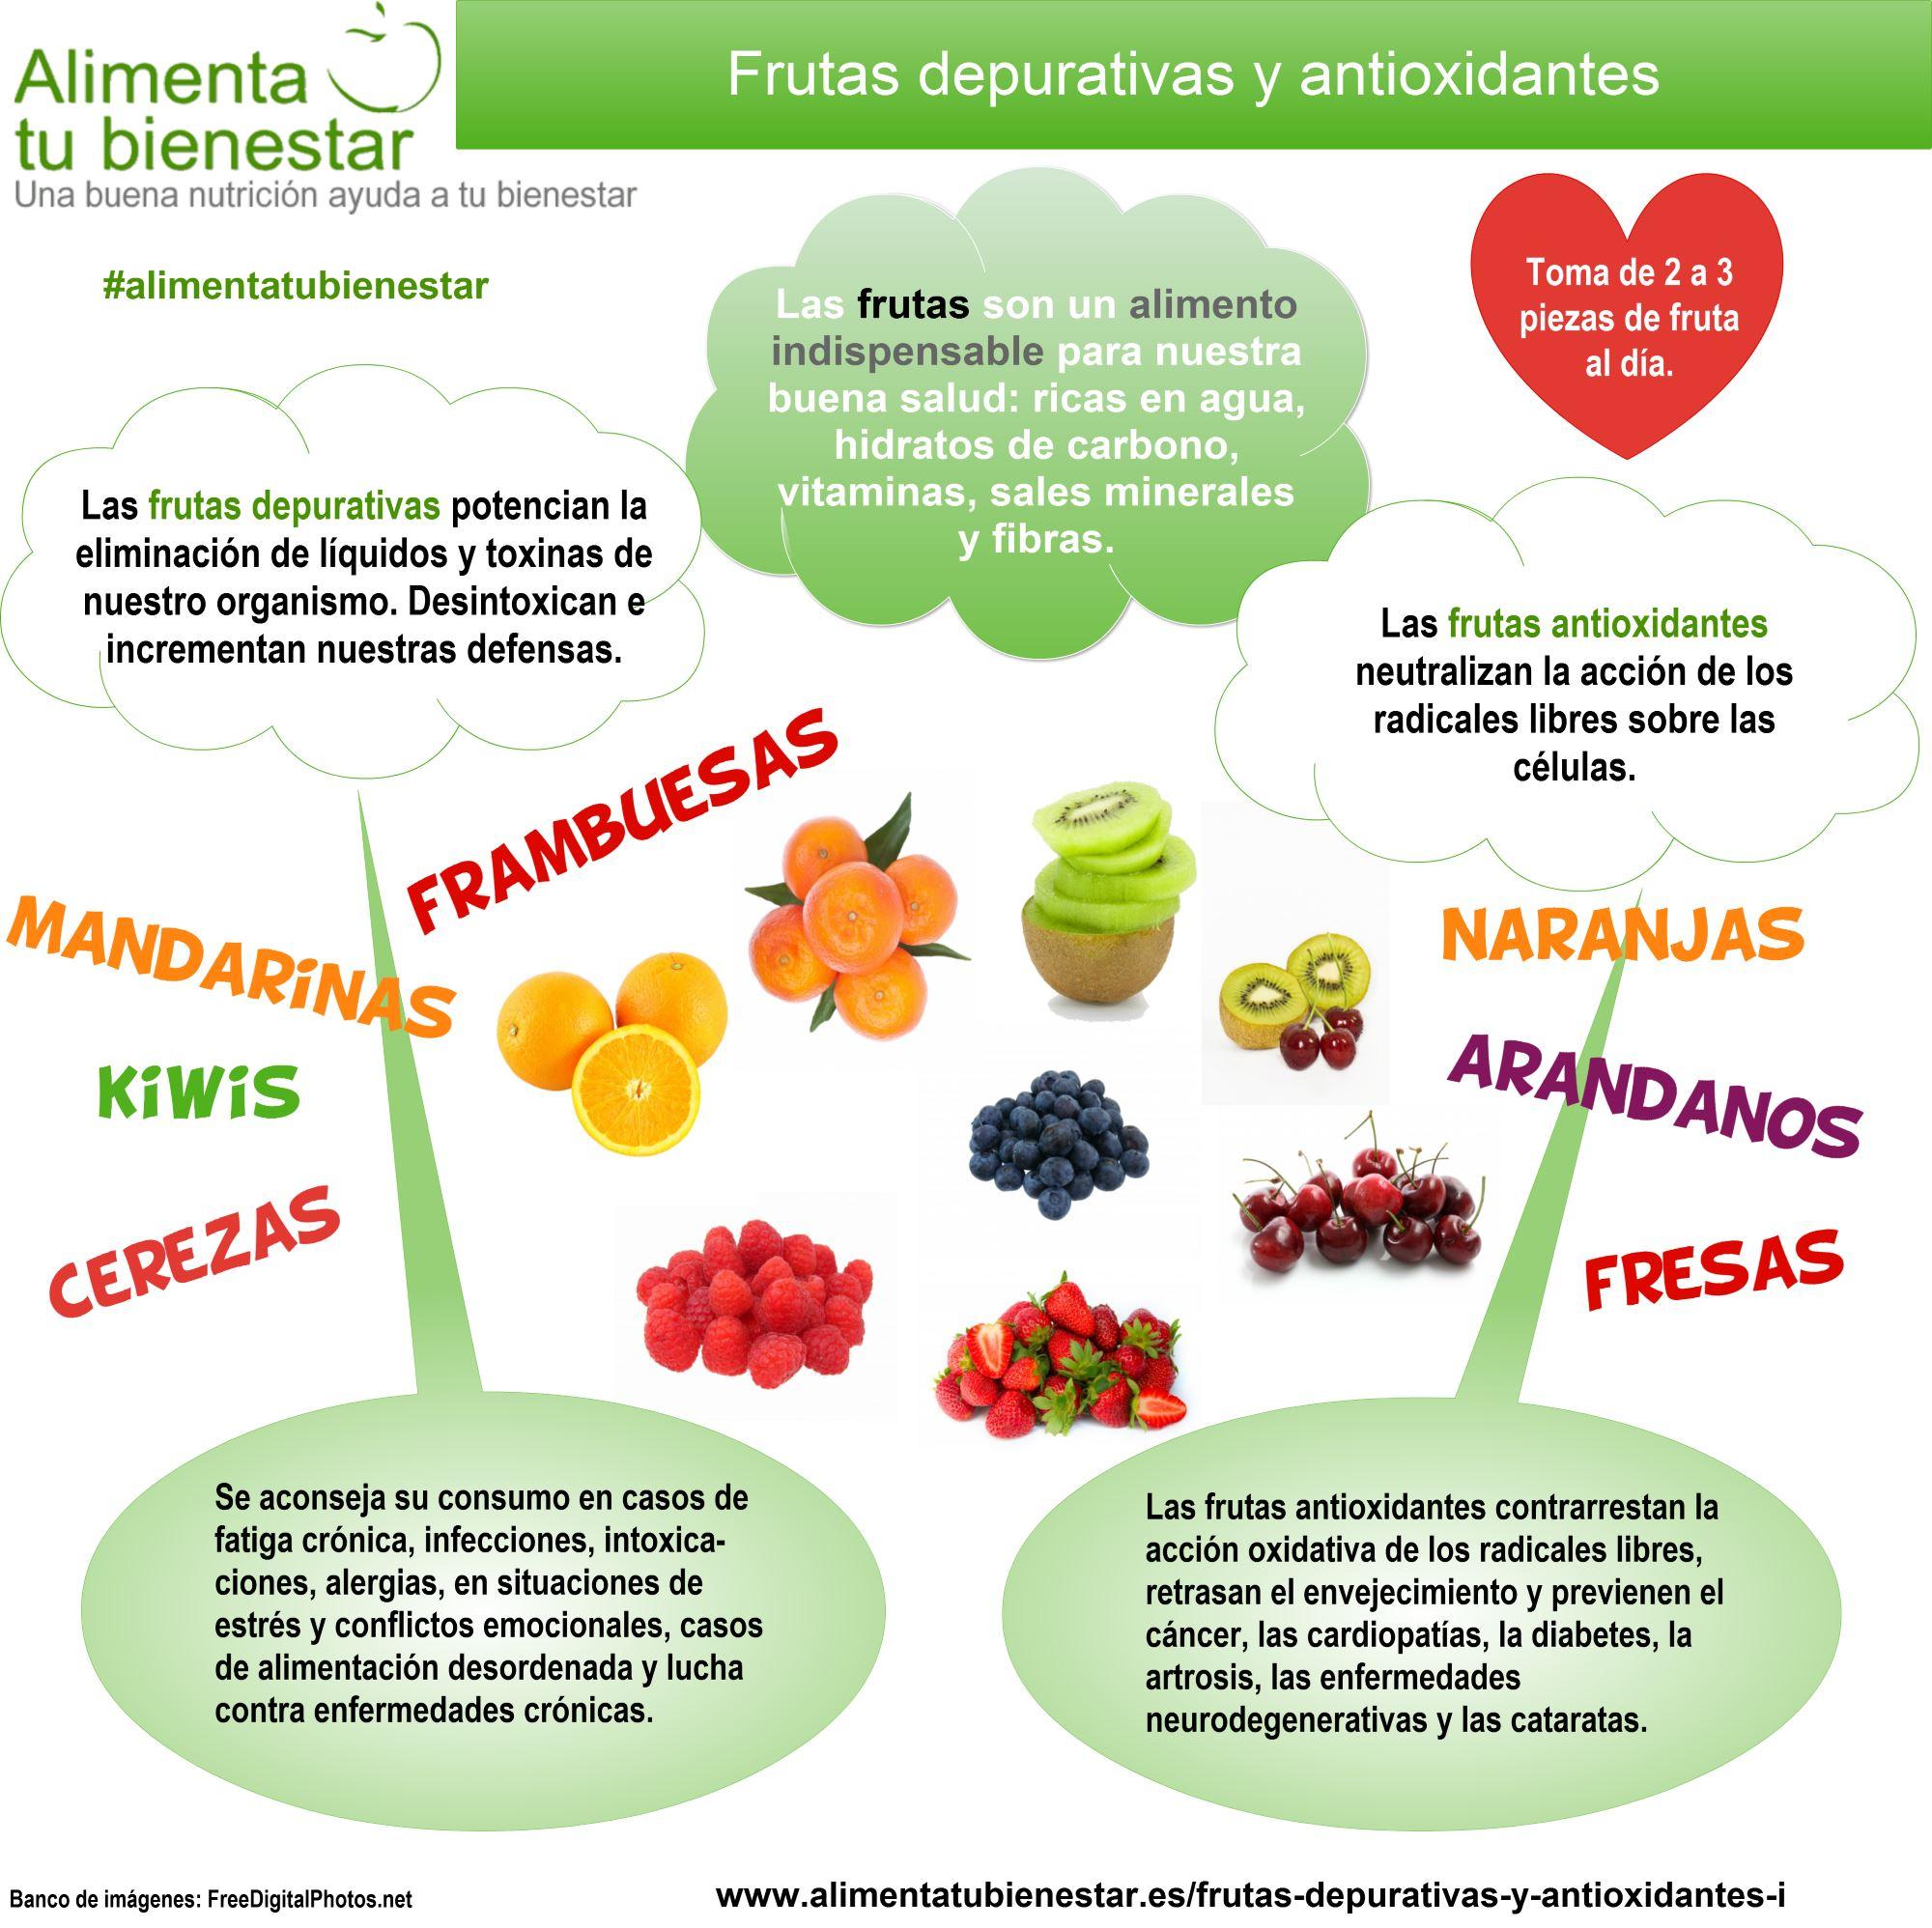 Infografía Frutas depurativas y antioxidantes